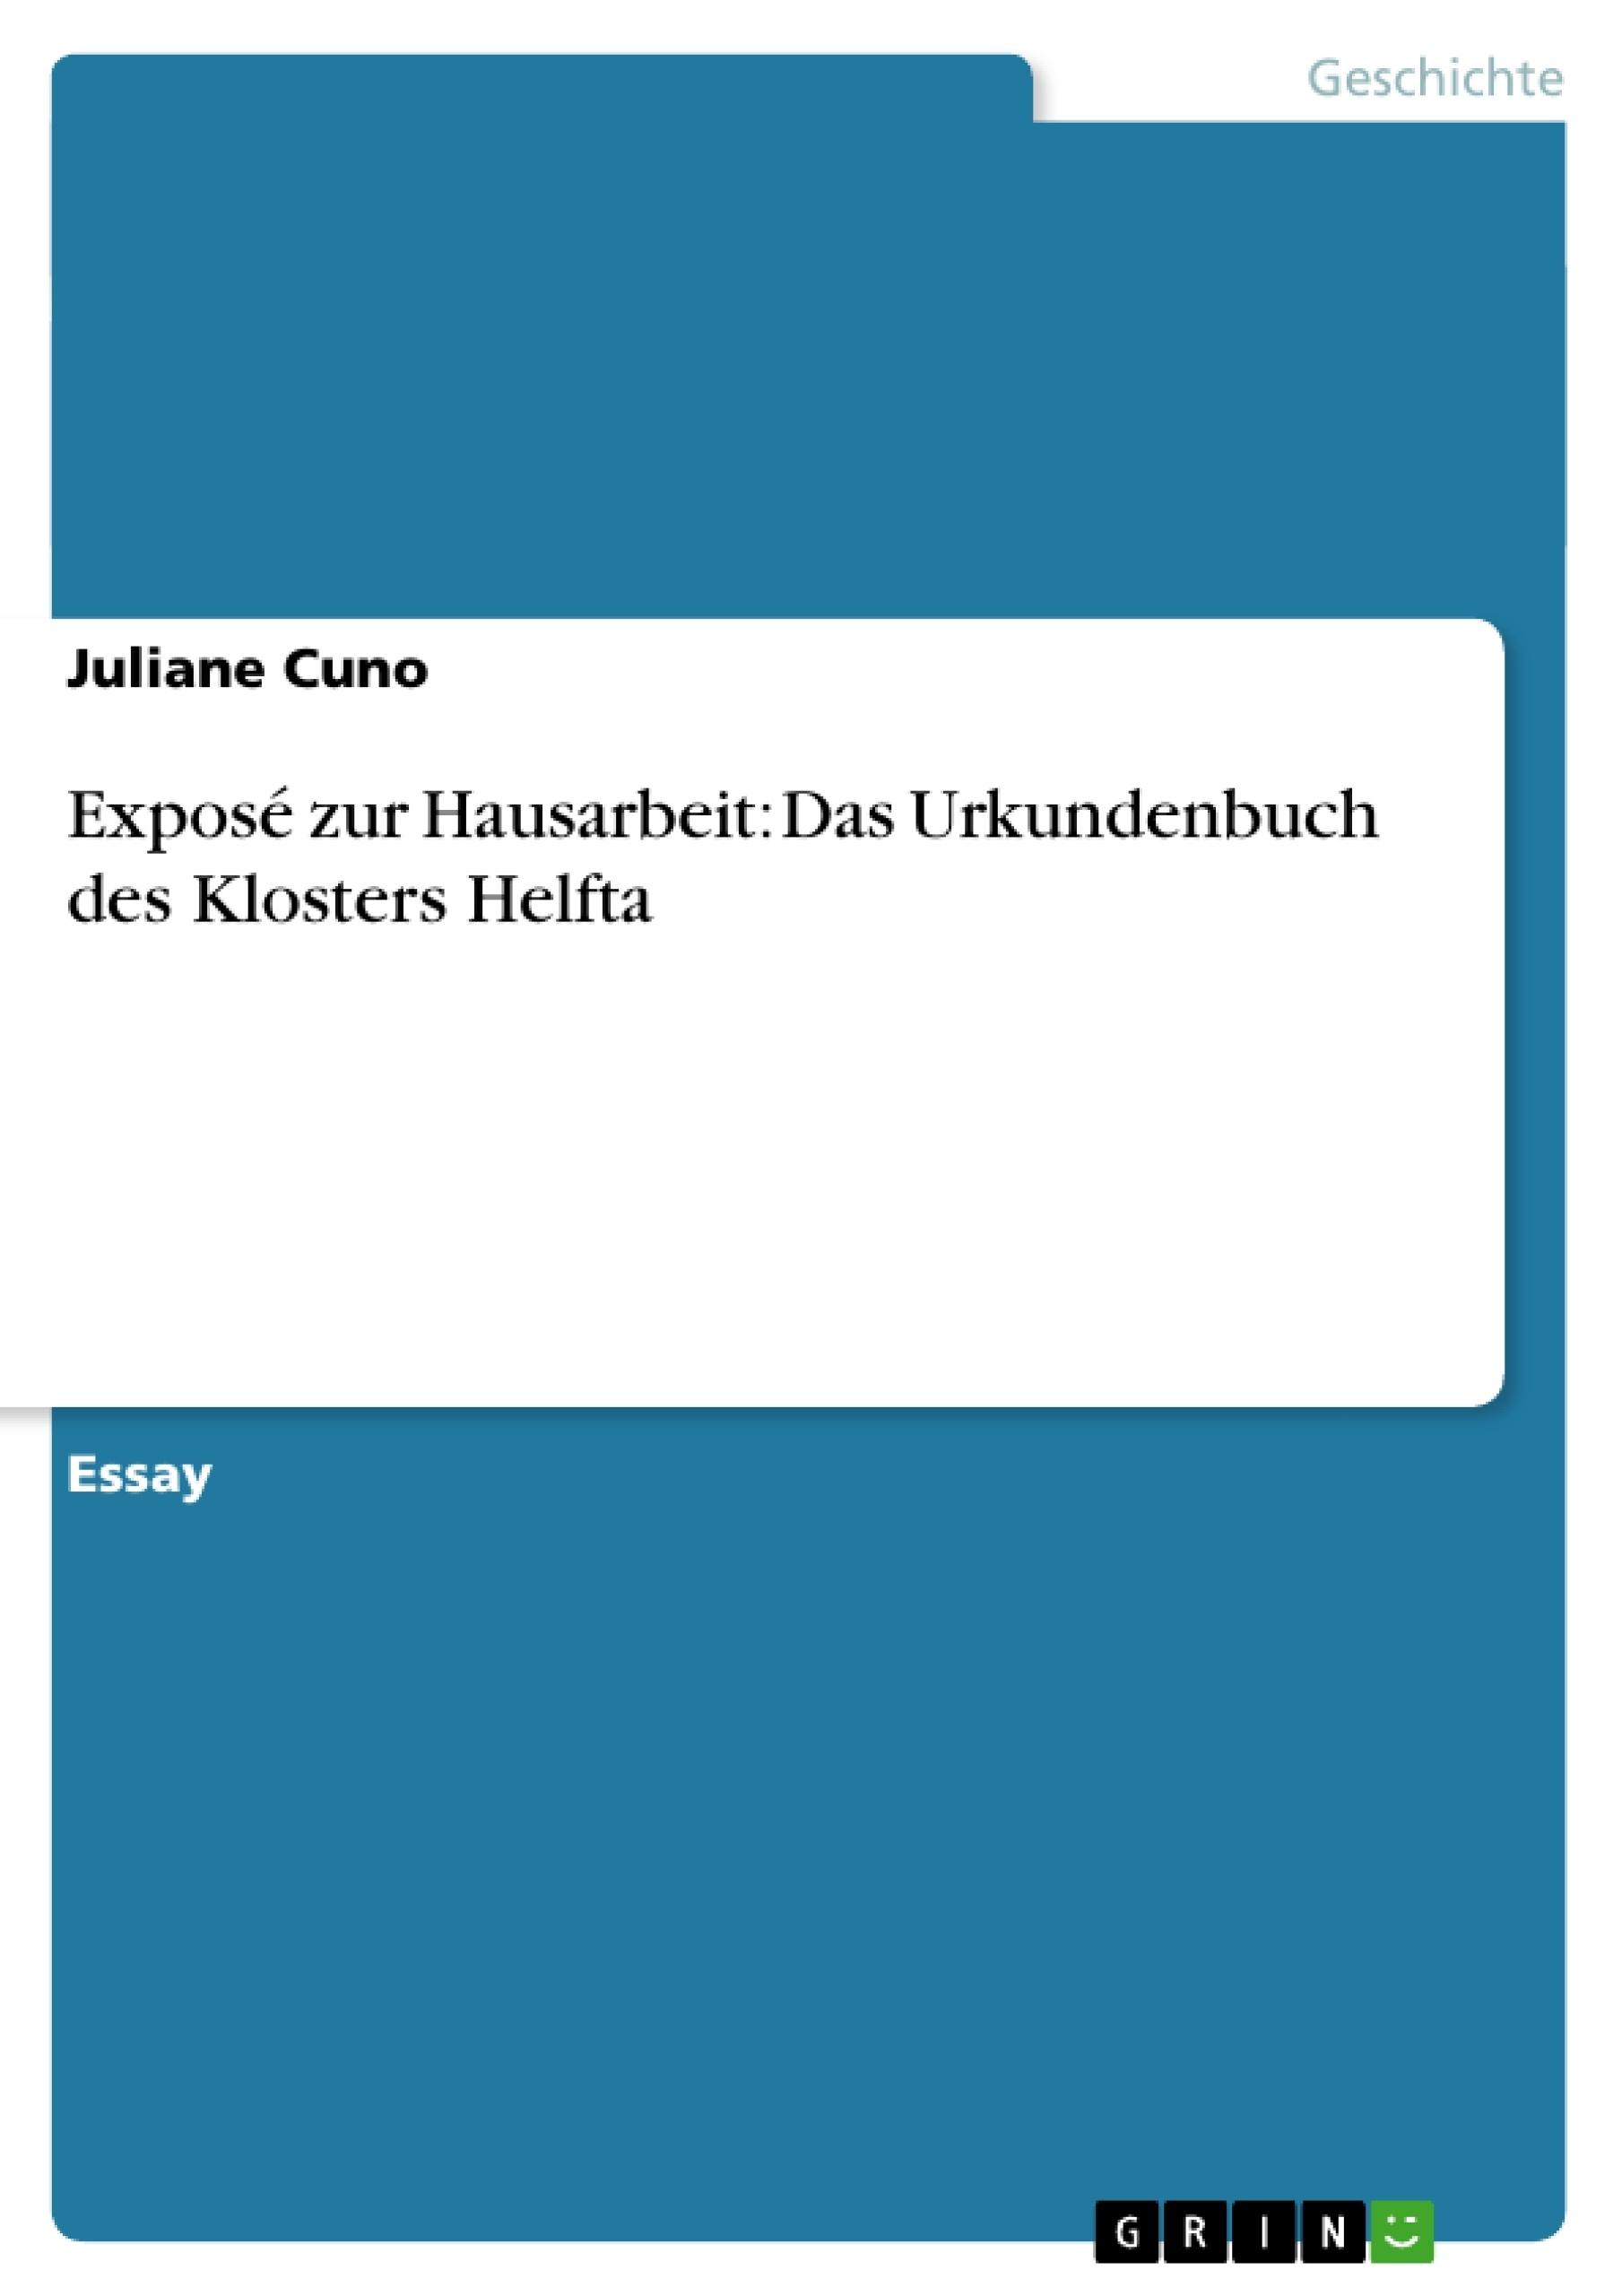 Titel: Exposé zur Hausarbeit: Das Urkundenbuch des Klosters Helfta